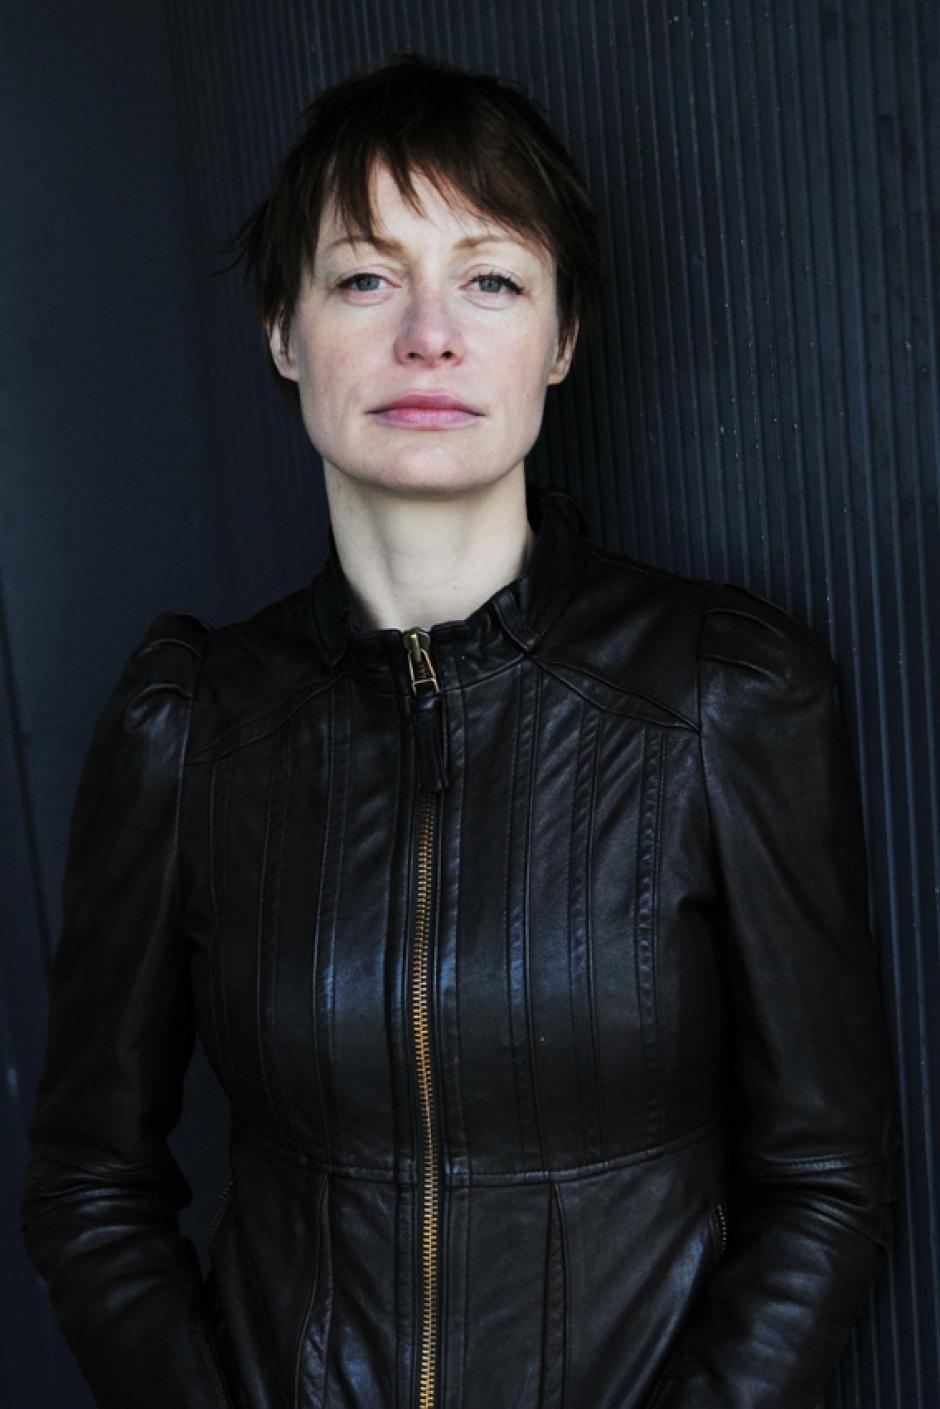 Katharina Marie Schubert: Das sagt sie zur Nacktszene im